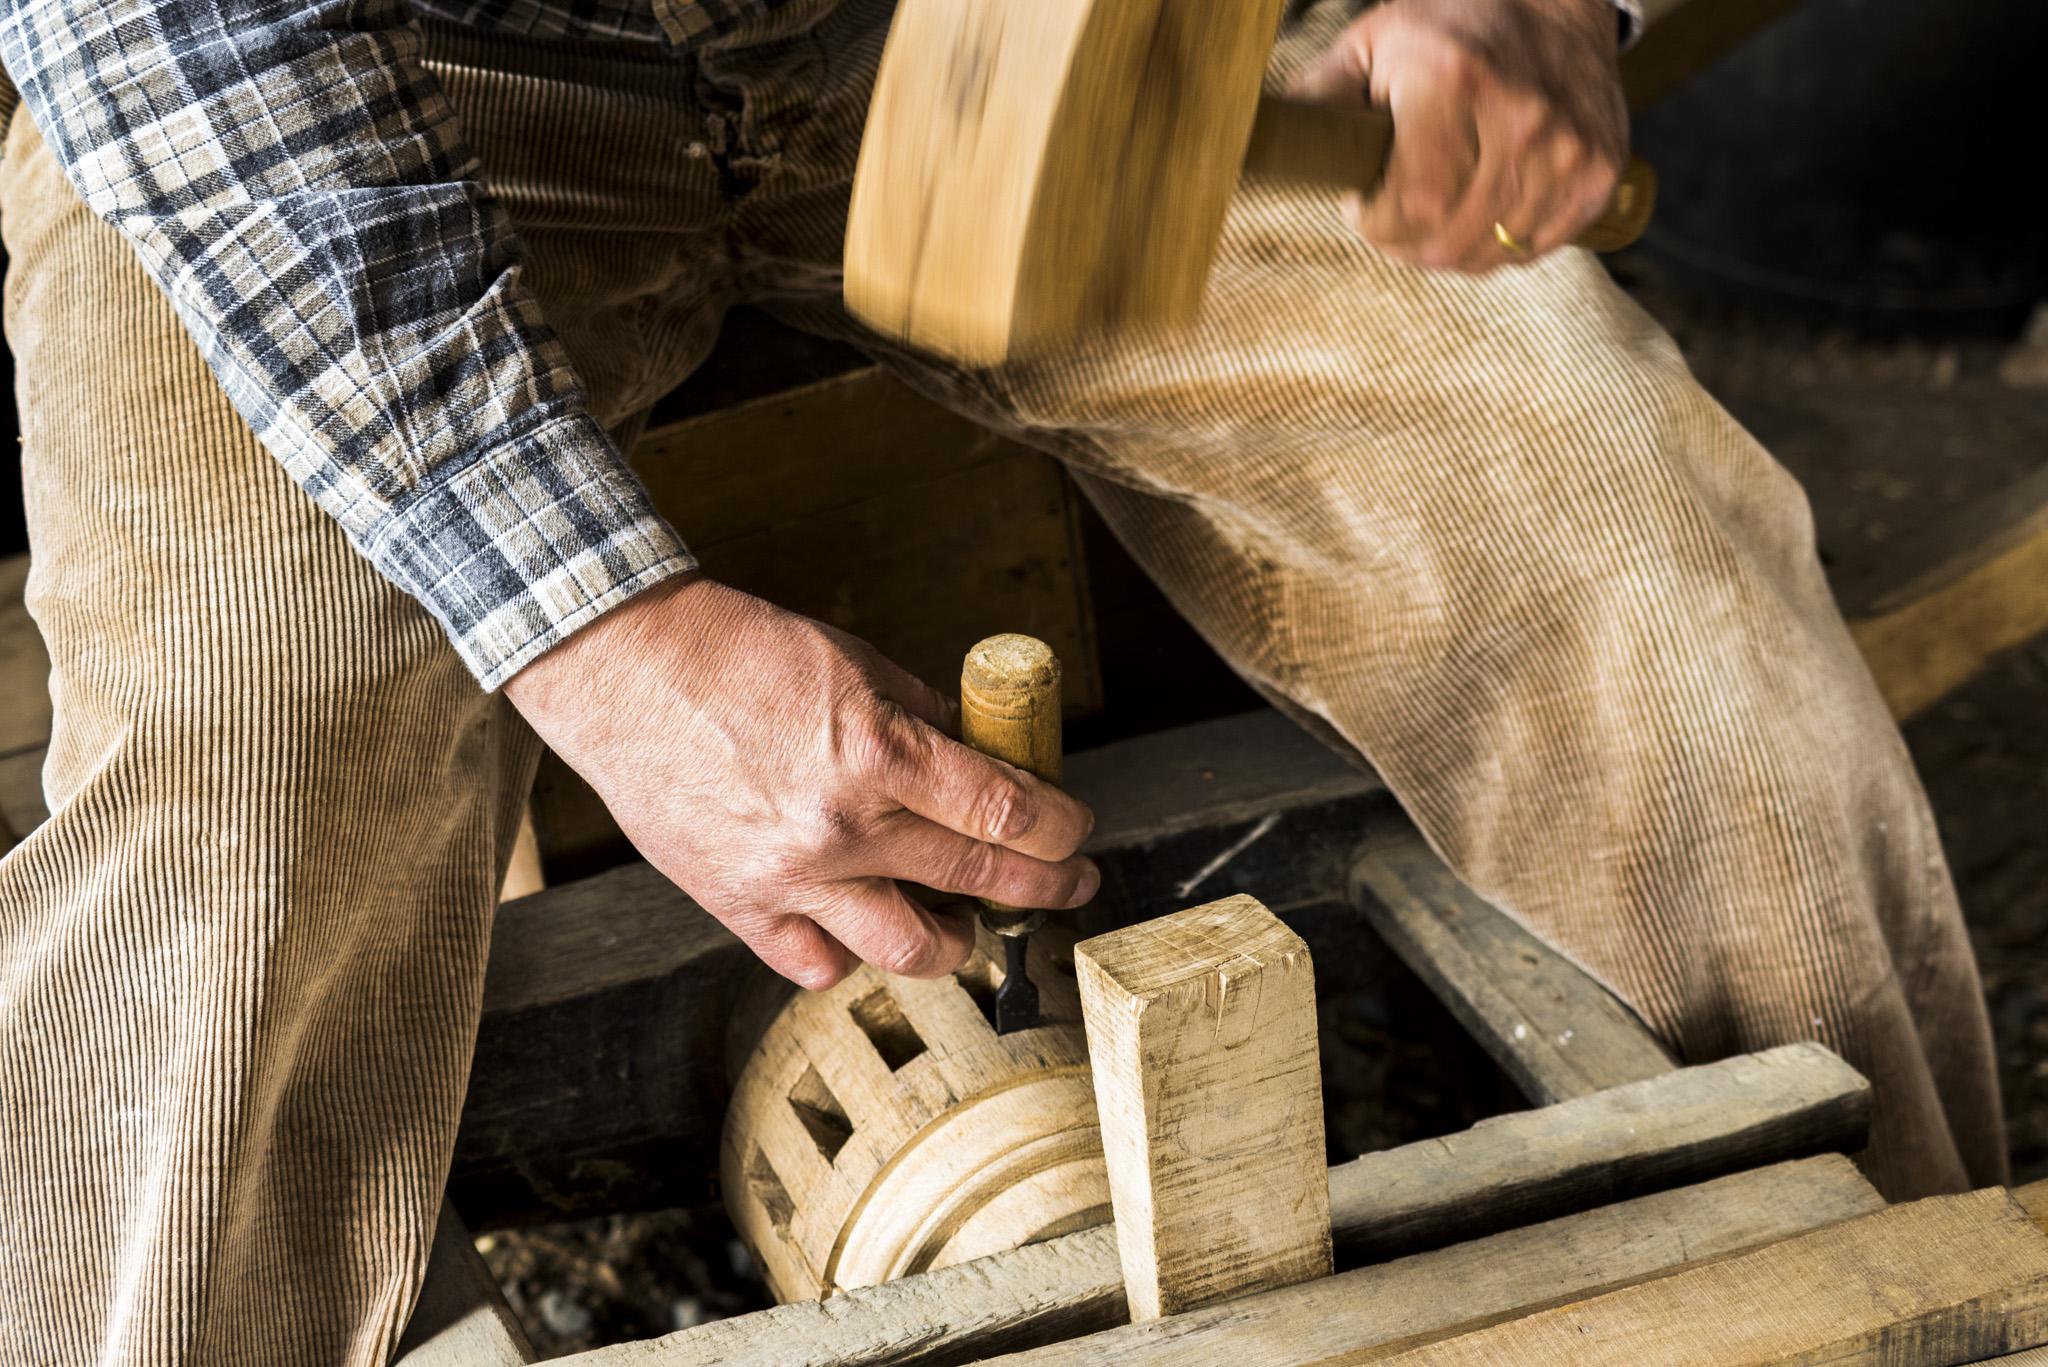 Photographe Reportage Illustration Reims, shooting photo vieux Métiers, Création des Moyeux de roues en bois